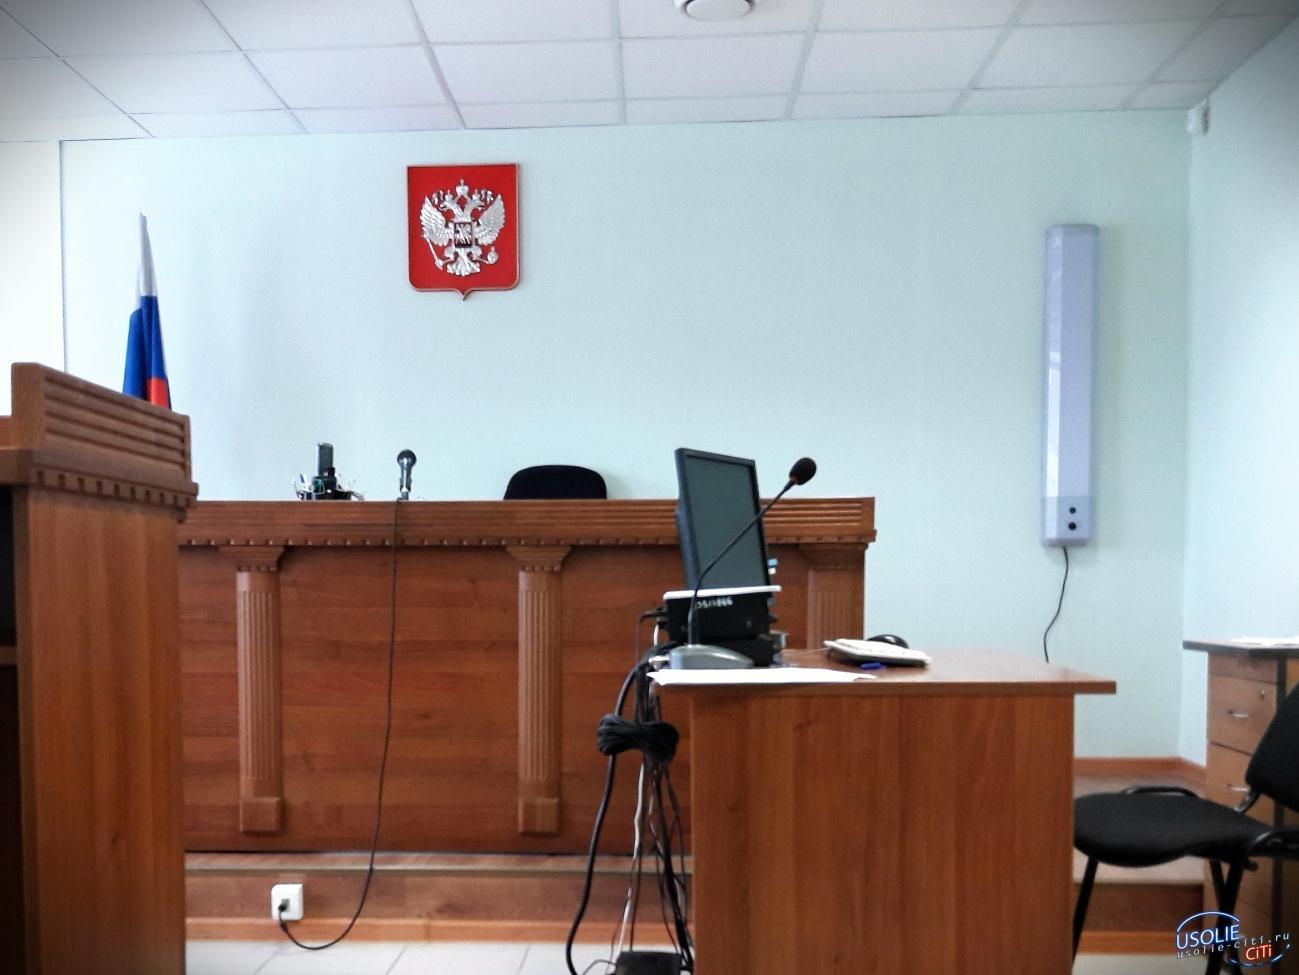 Усольчанина оштрафовали на 15 тысяч рублей за повторное нарушение масочного режима